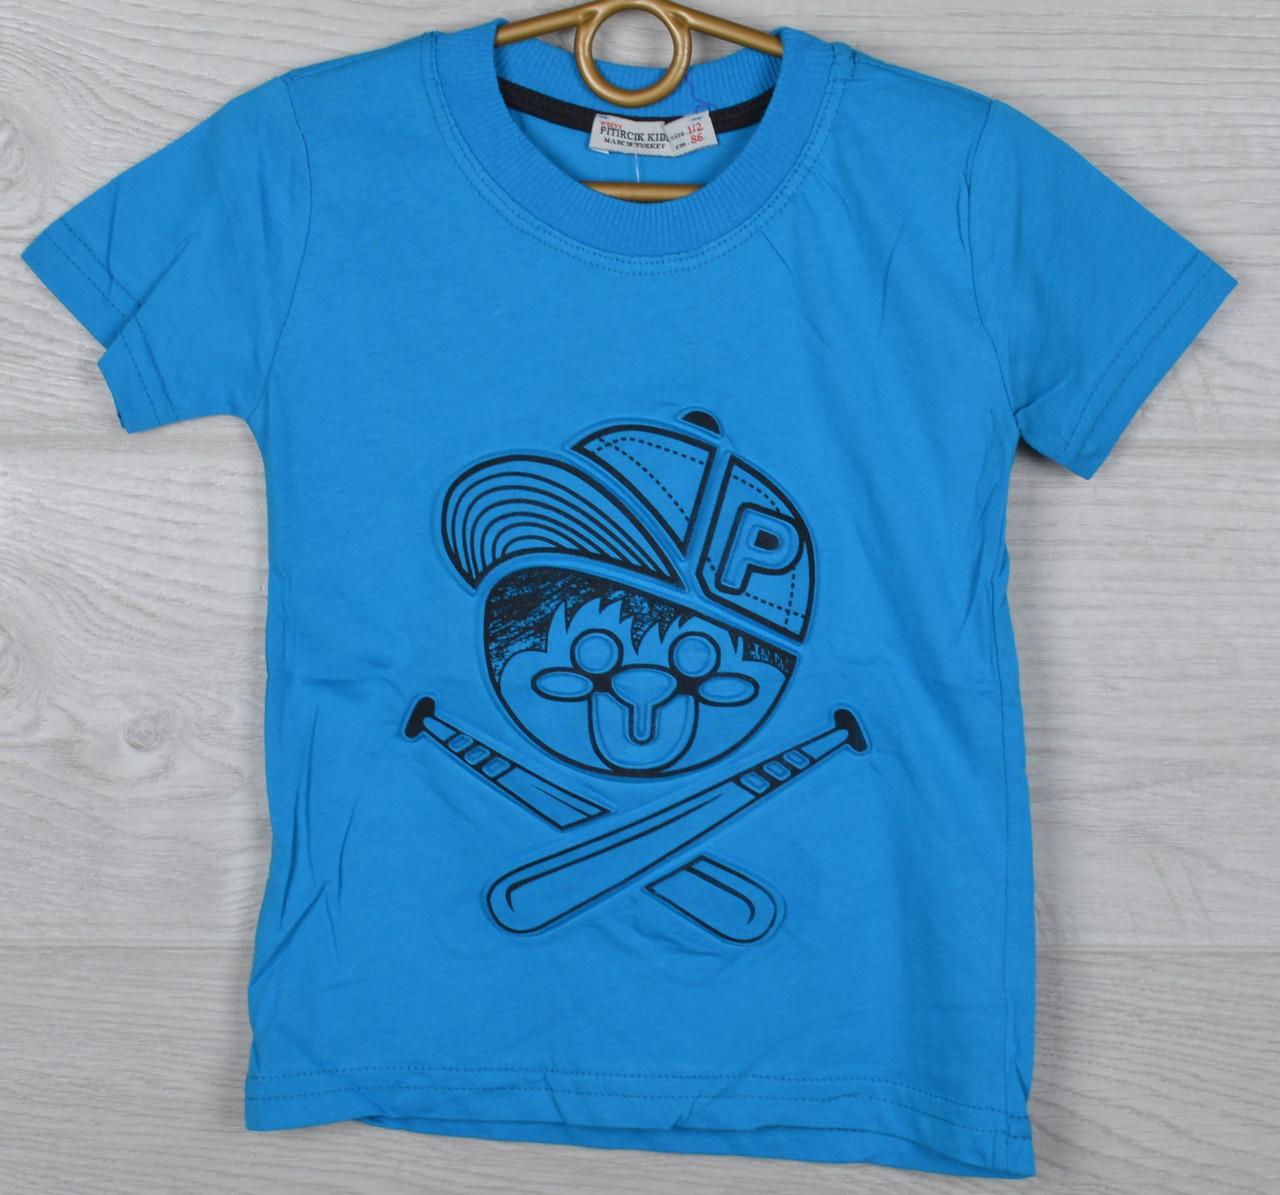 """Футболка детская """"Бейсбол"""" для мальчиков 1-8 лет (86-128 см). Ярко-голубая. Оптом"""